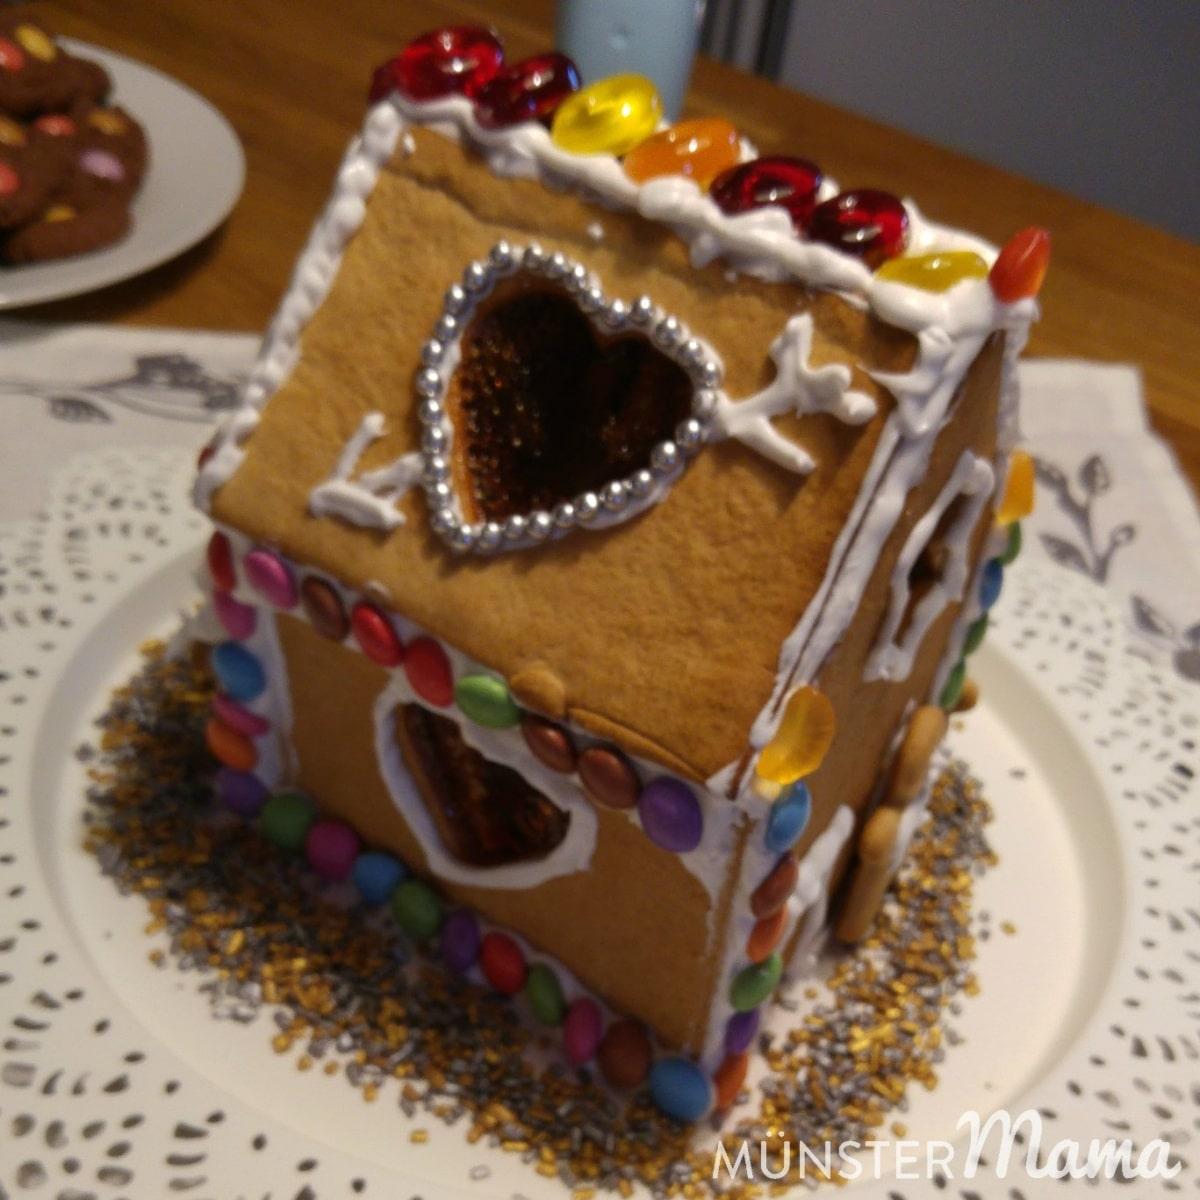 Kindkrankchaos und Adventsgemütlichkeit mit Rezept für das einfachste Honigkuchenhaus der Welt